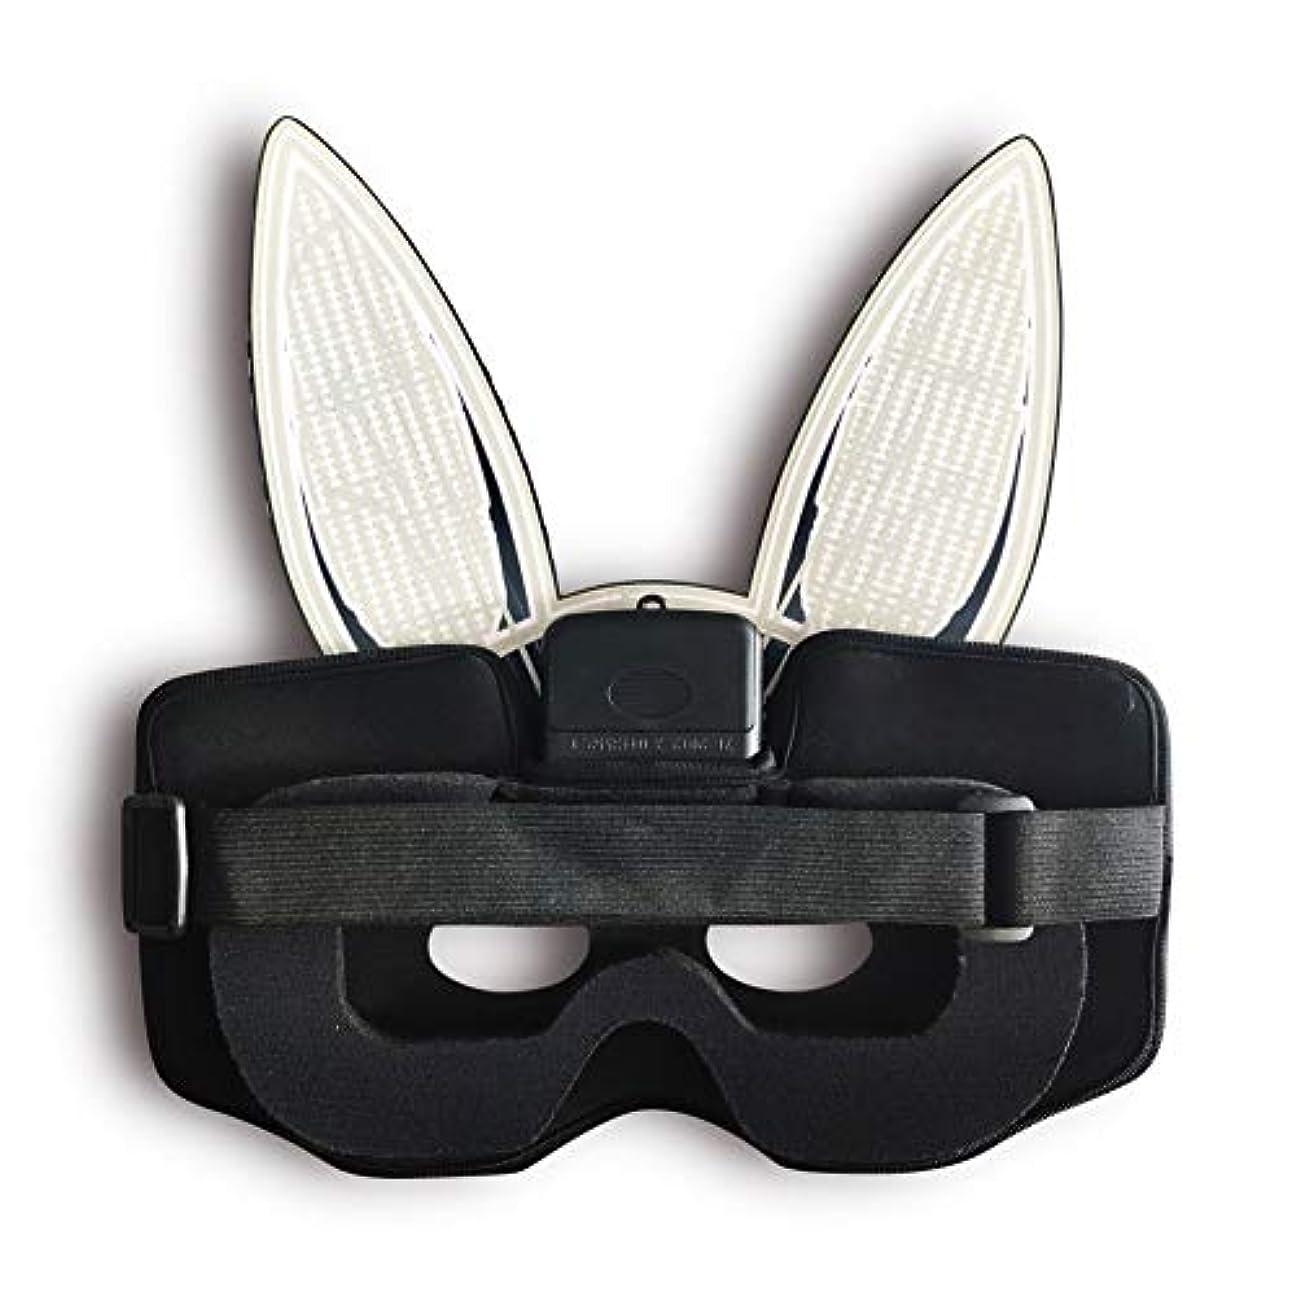 選挙忌まわしい認めるEsolom ハロウィンドレスアップ どくろ頭 音声制御マスク 音作動LED照明マスク ウサギのデザイン ハロウィンマスク DJミュージックマスク